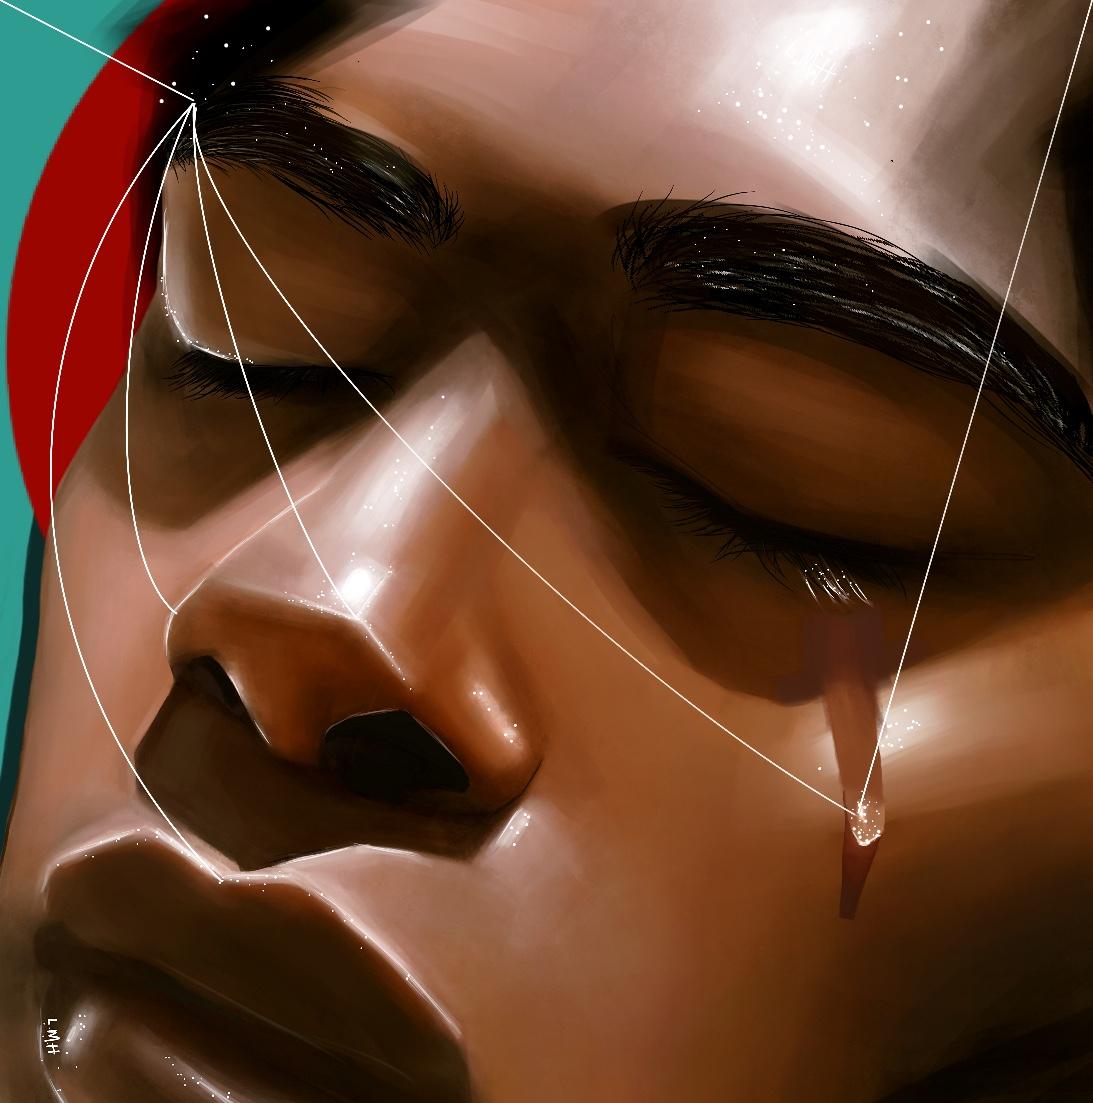 Undone illustration by Lethabo Huma